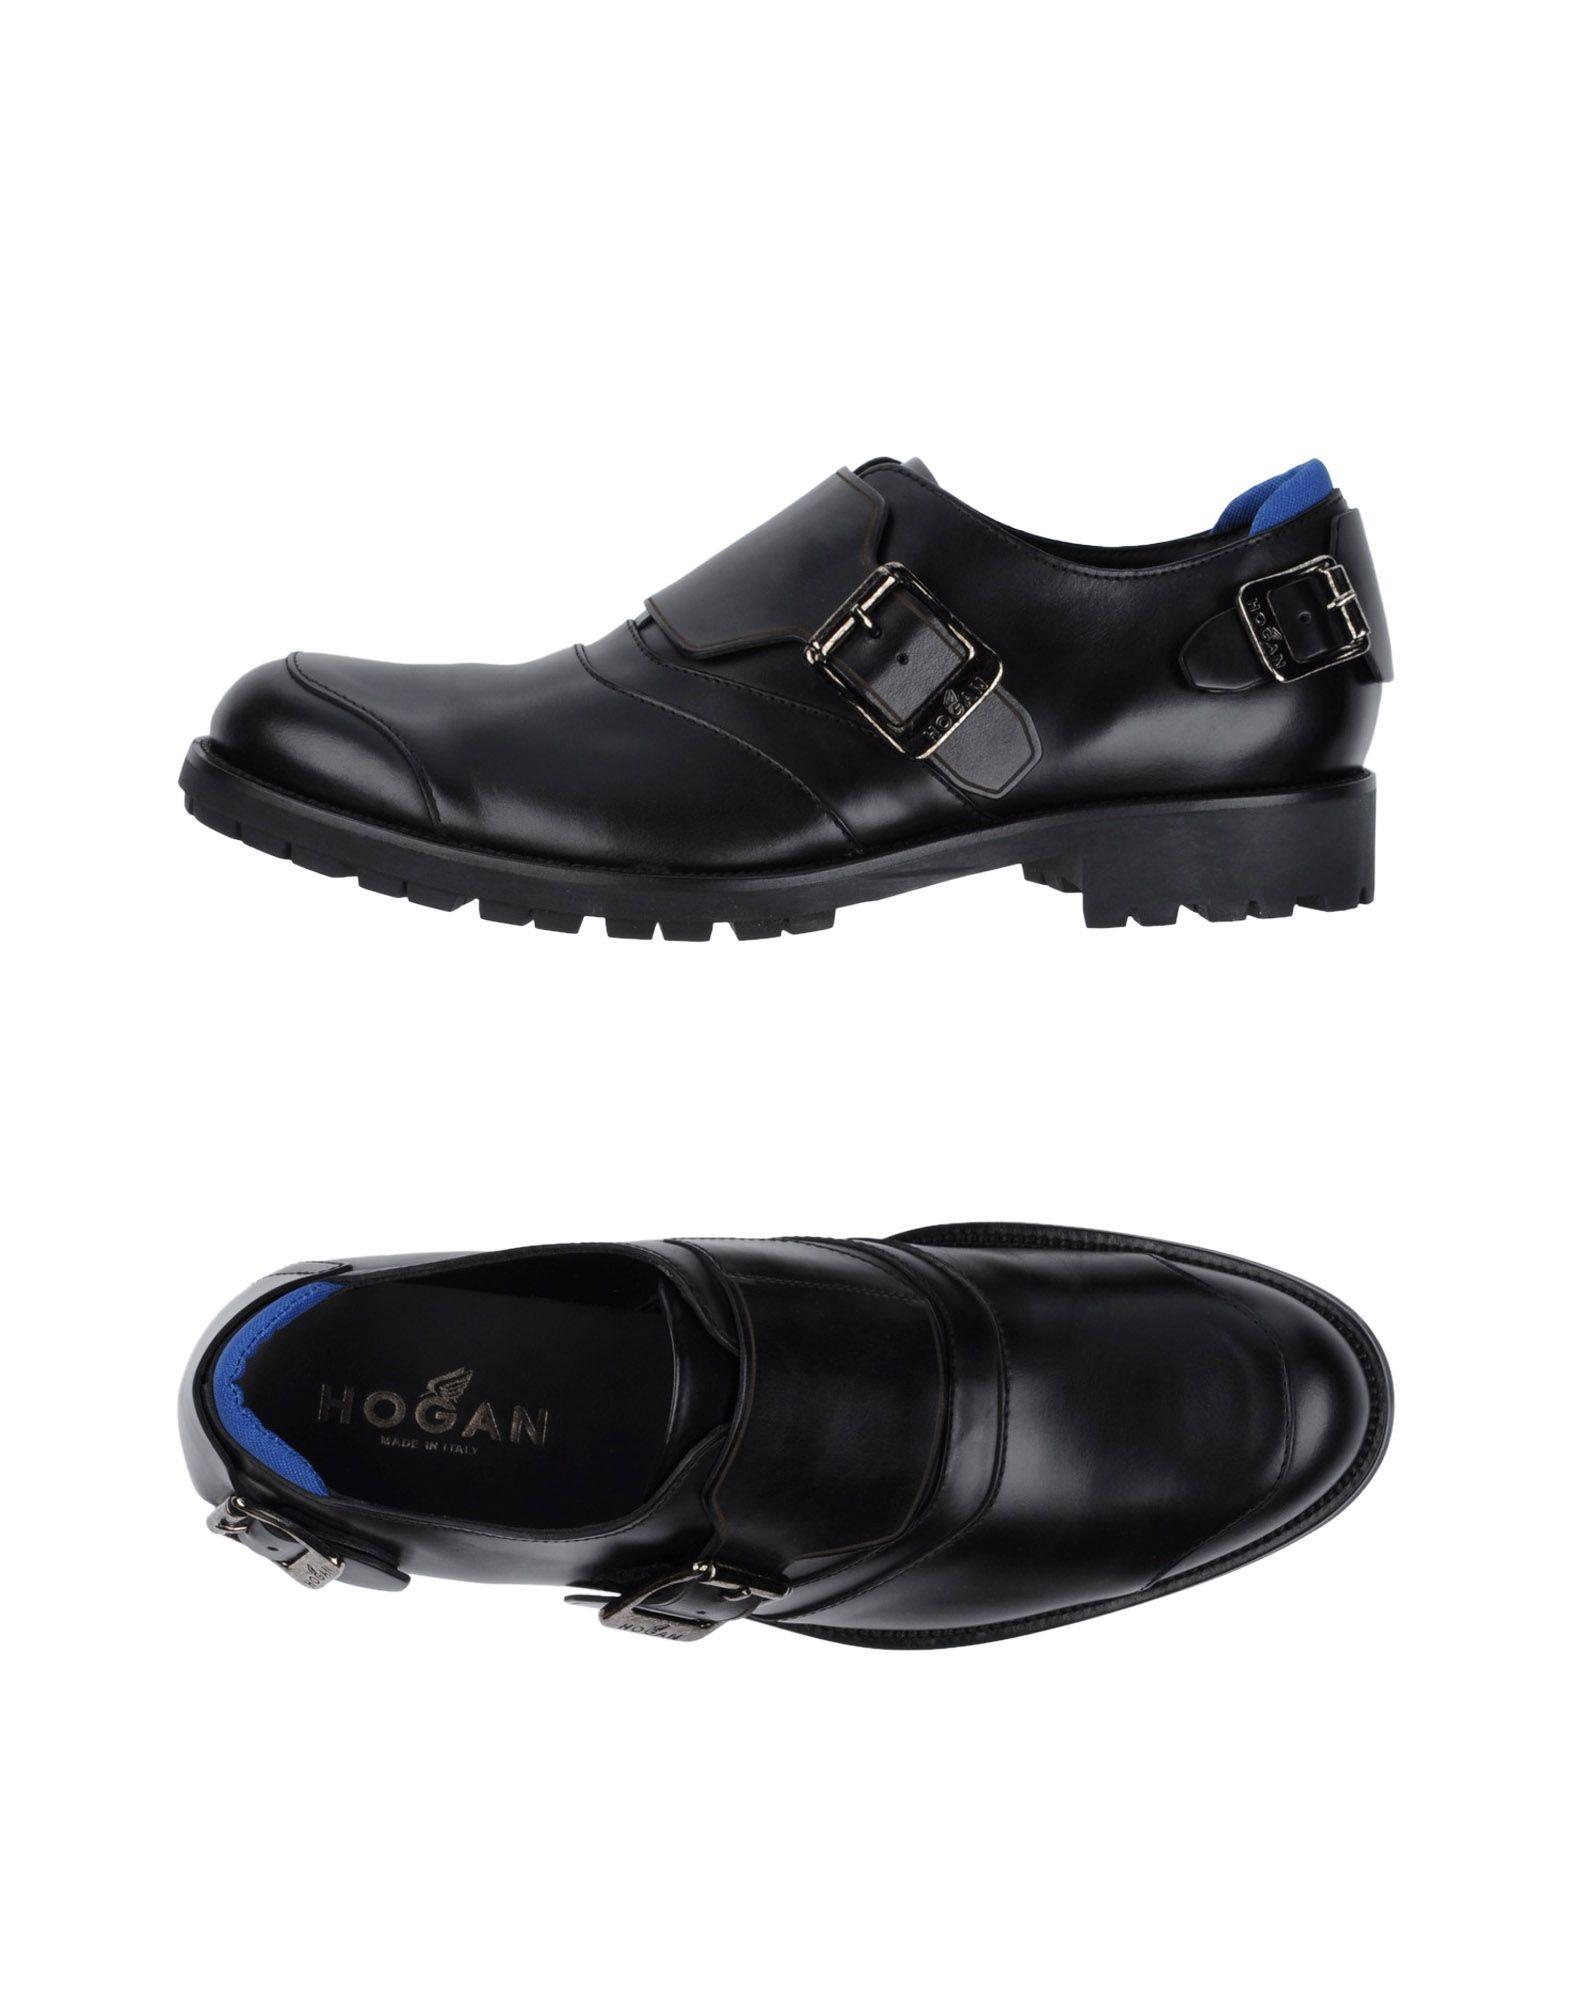 Hogan Mokassins Herren  11299158OF Gute Qualität beliebte Schuhe